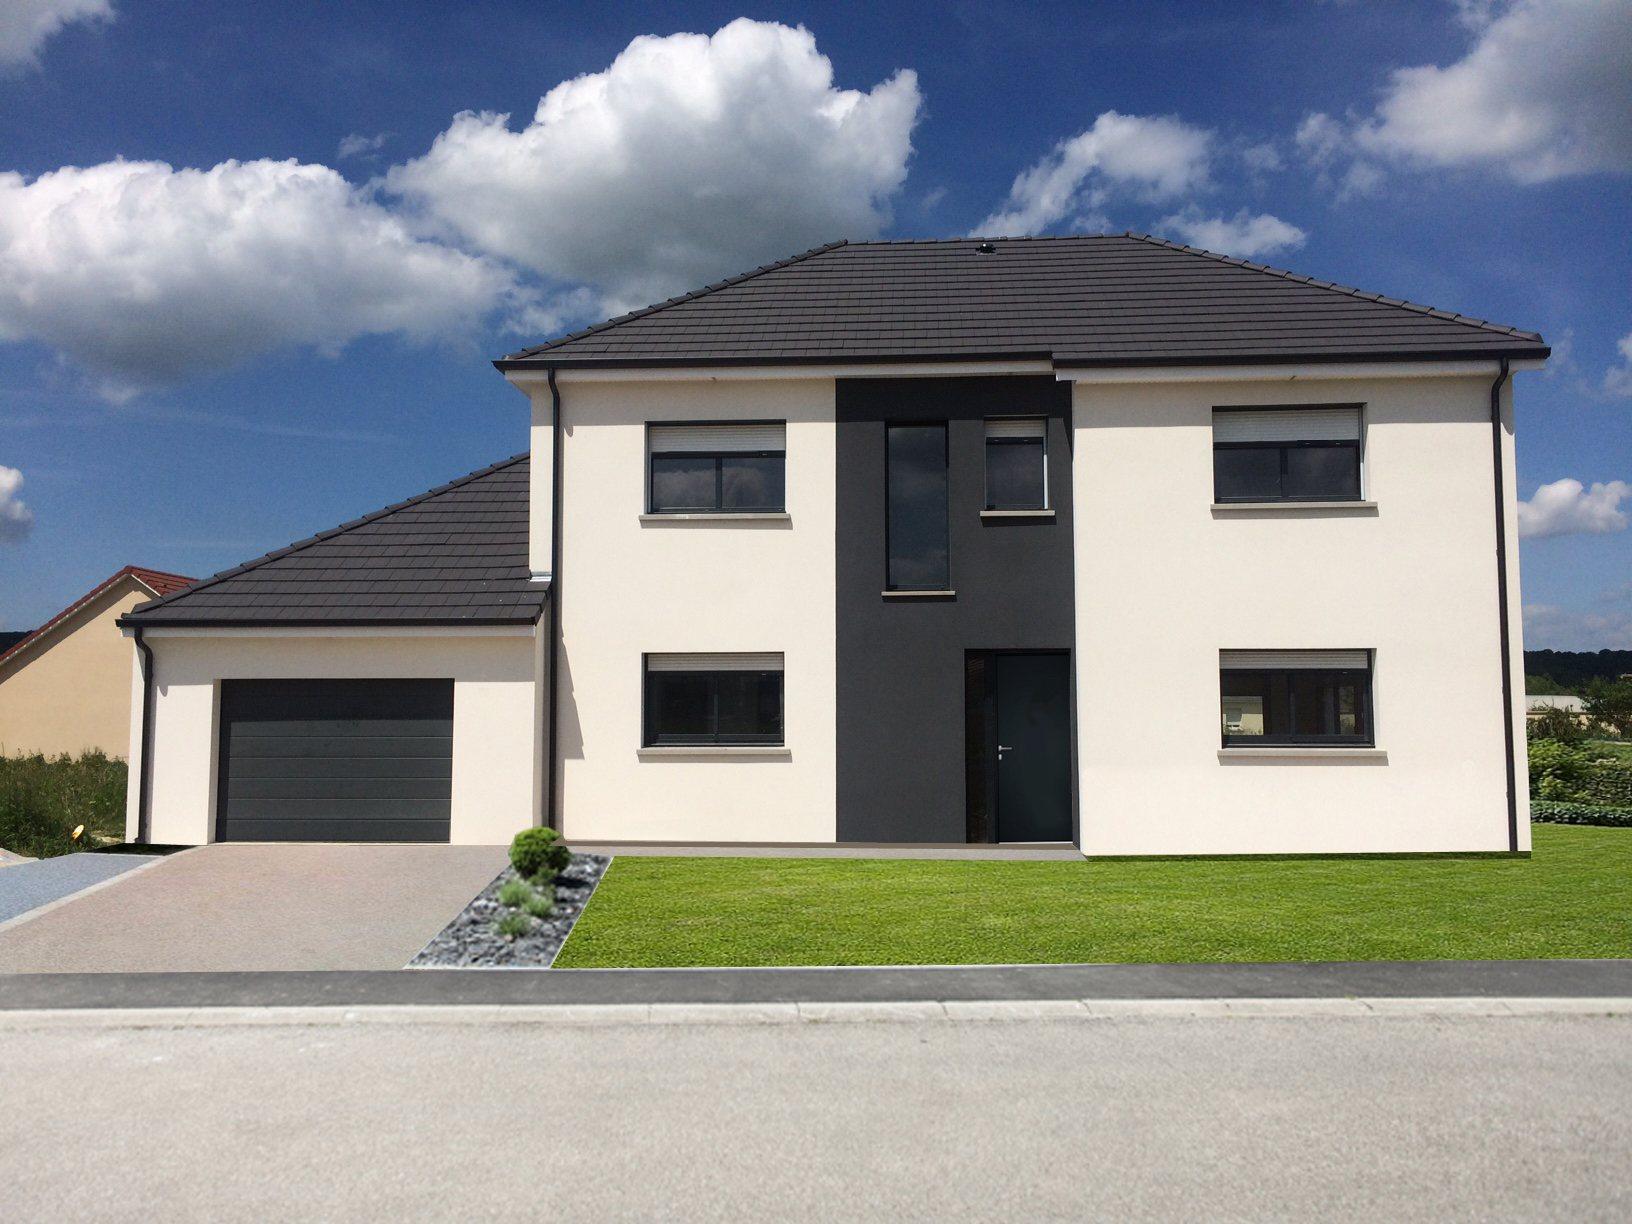 Maisons + Terrains du constructeur MAISON CASTOR • 150 m² • SAINT PIERRE DU VAUVRAY